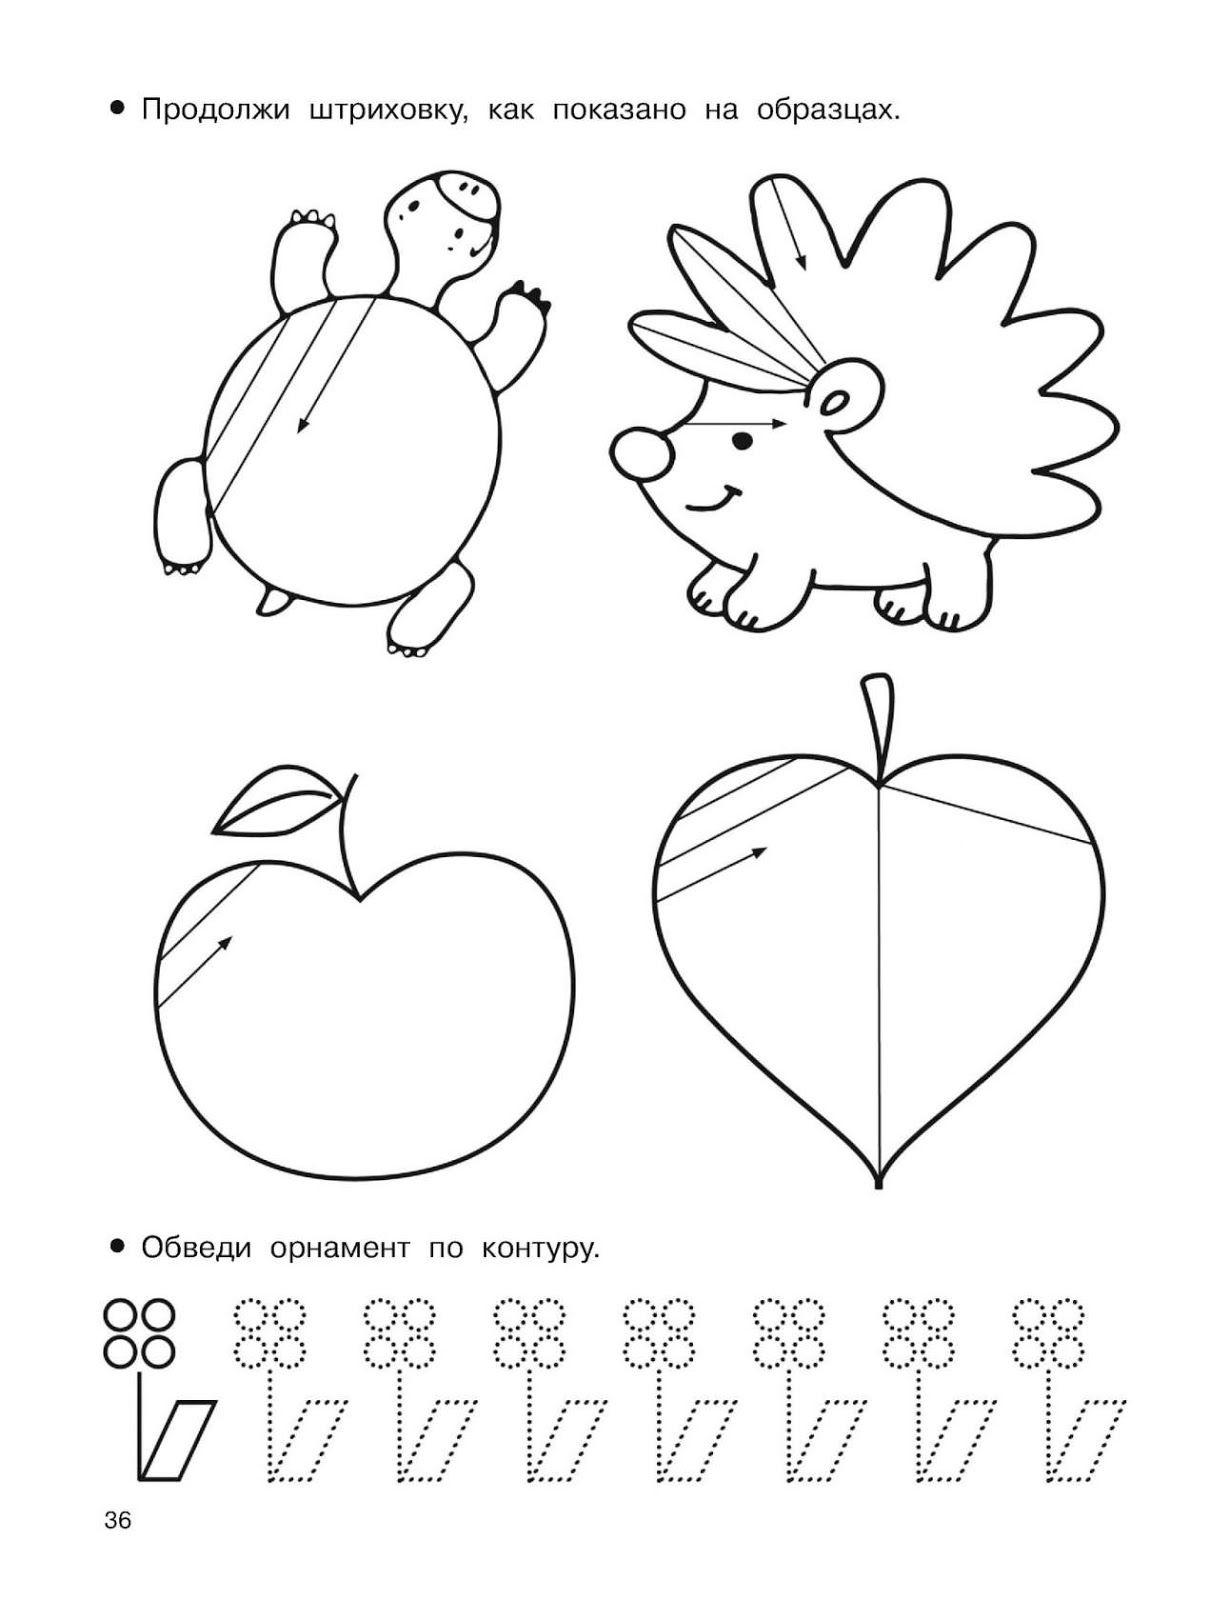 worksheets for kids, worksheets for kindergarten